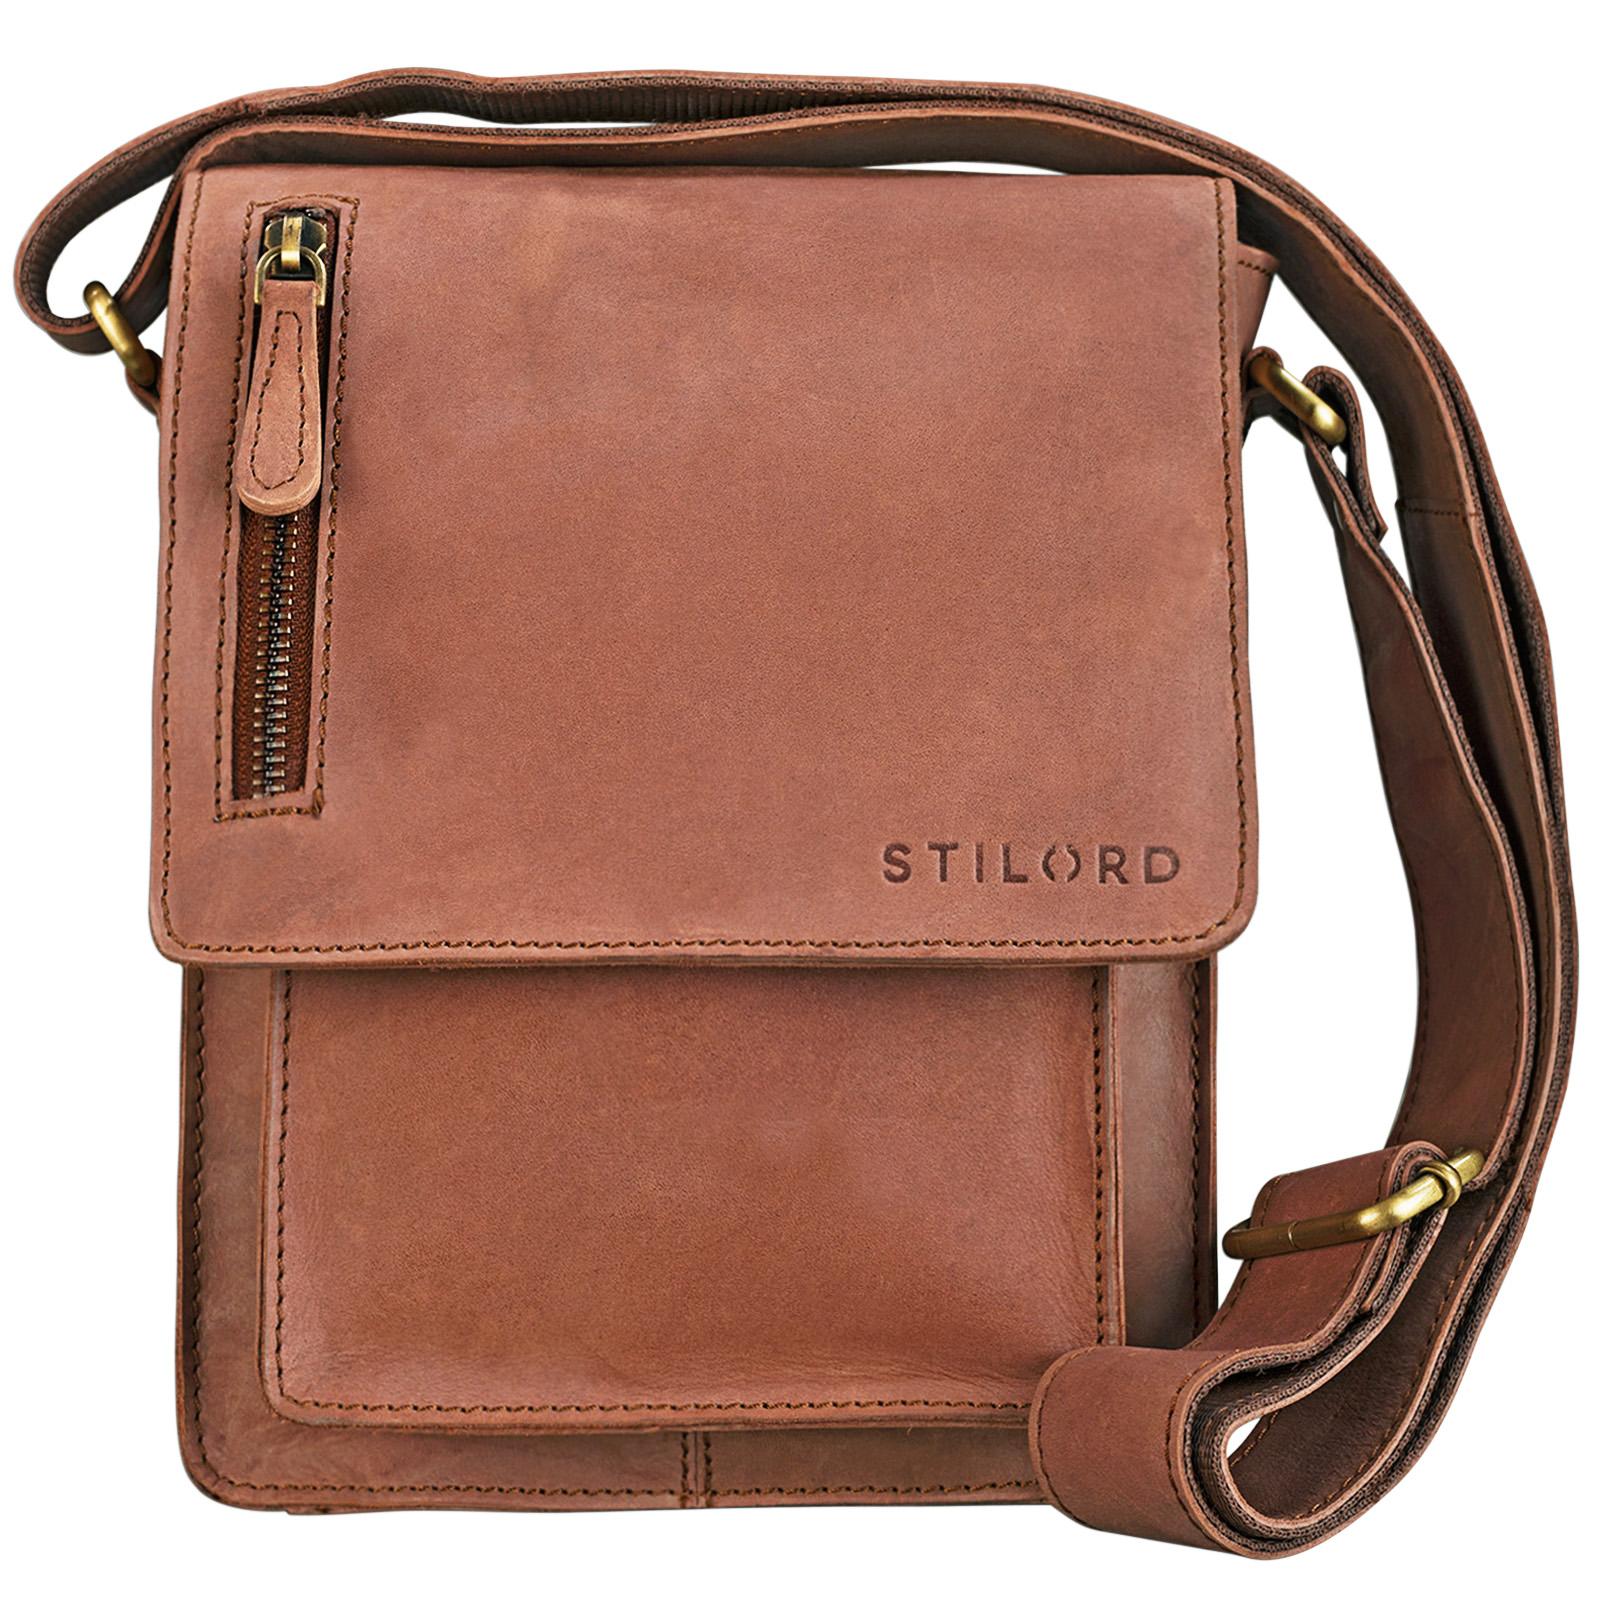 """STILORD """"Finn"""" kleine Umhängetasche Herren Schultertasche Vintage Messenger Bag 8,4 Zoll Tablettasche echtes Büffel-Leder  - Bild 3"""